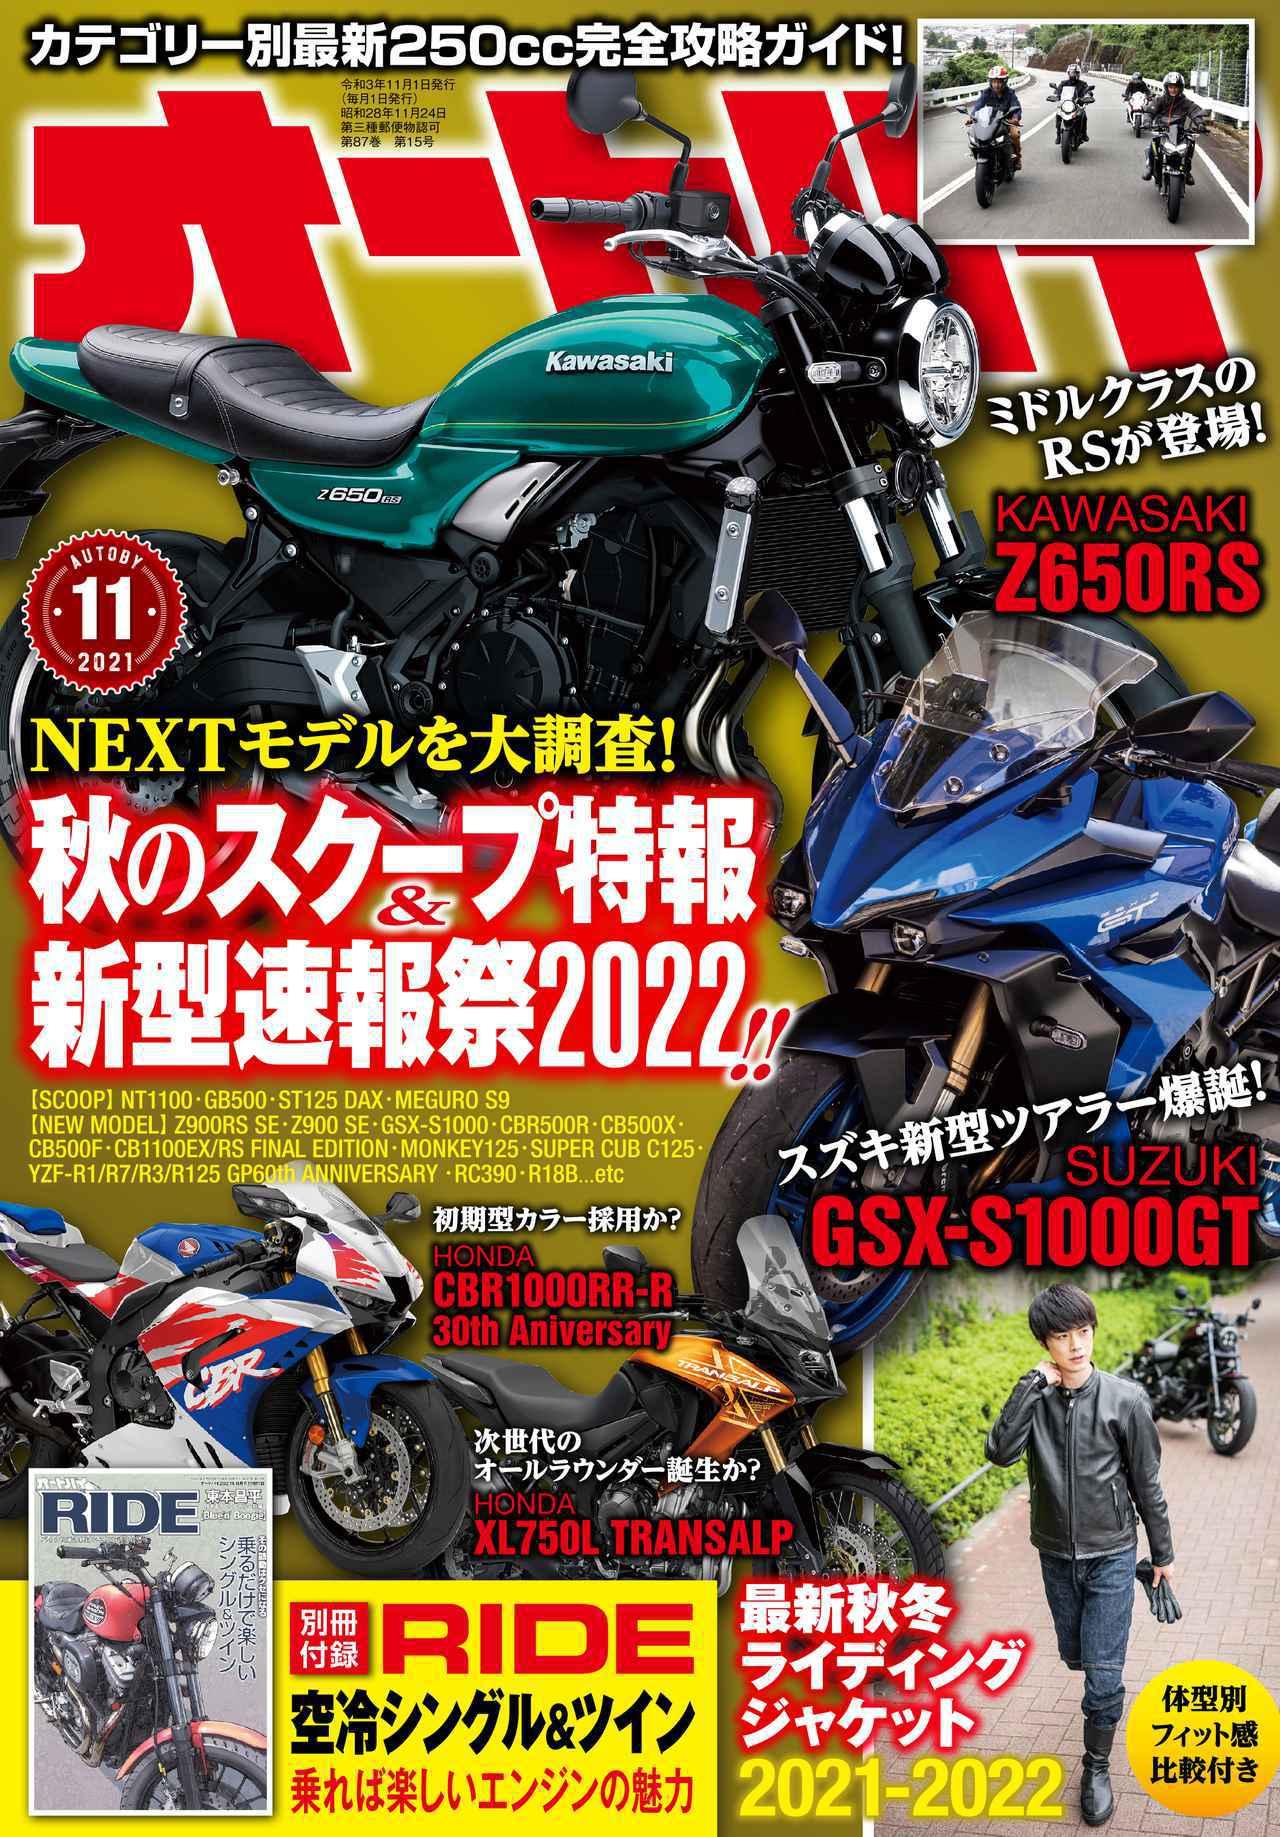 画像2: 月刊『オートバイ』11月号はスクープ情報&新型車速報が盛りだくさん!「RIDE」とセットで2021年10月1日に発売